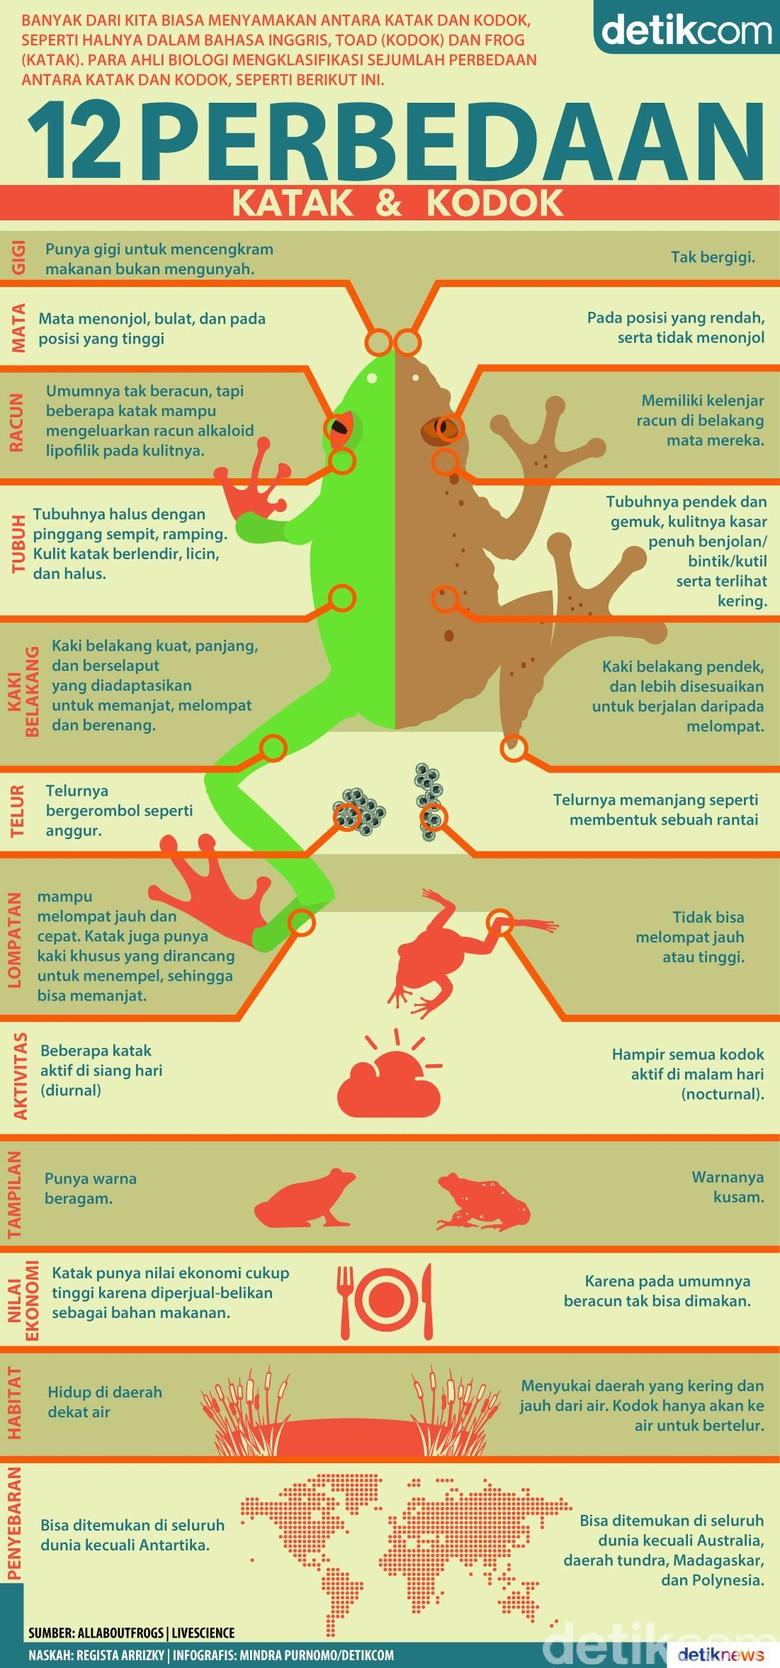 12 Perbedaan Katak dan Kodok